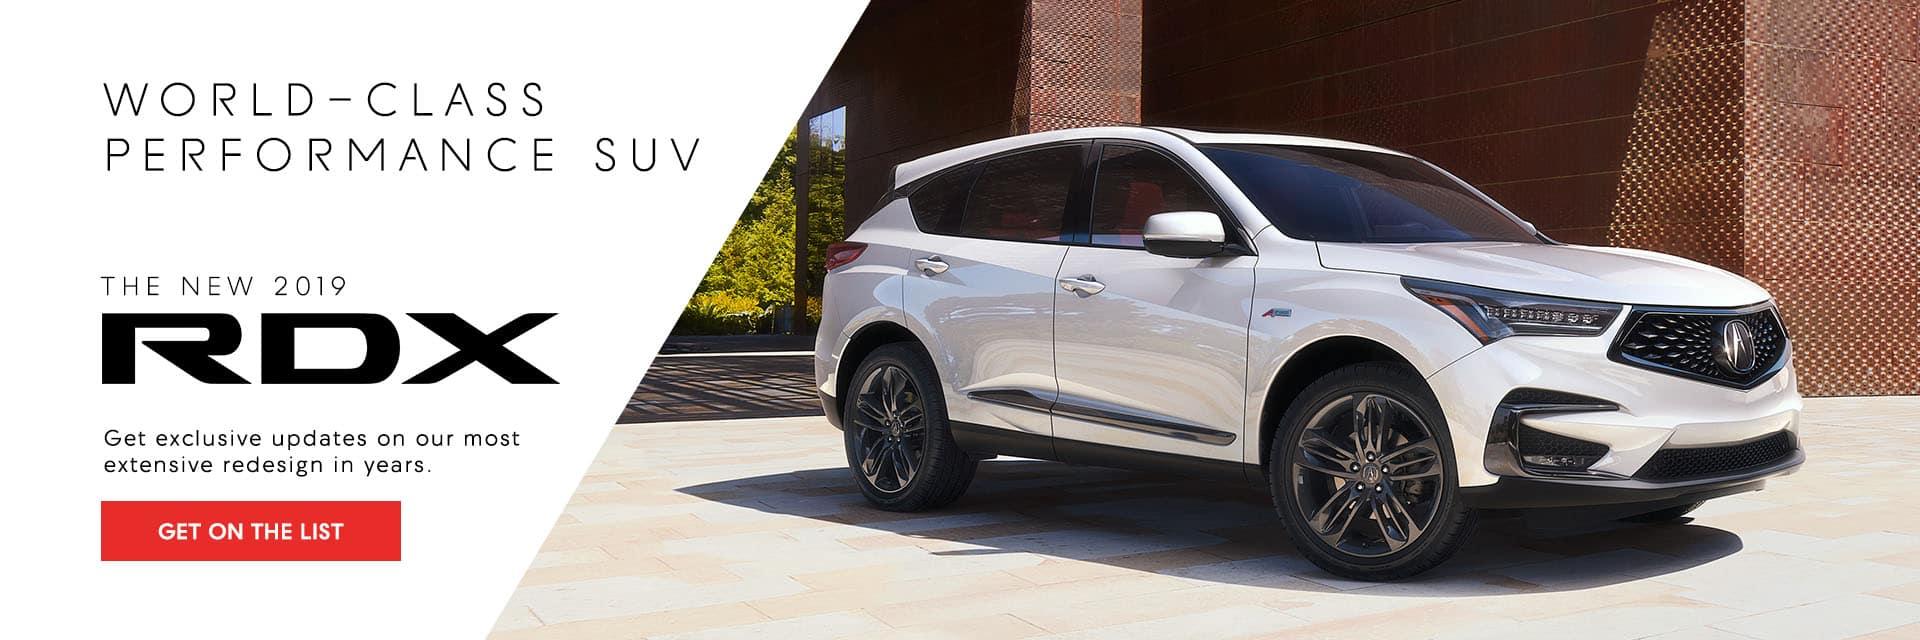 2019 Acura RDX - Get on the List